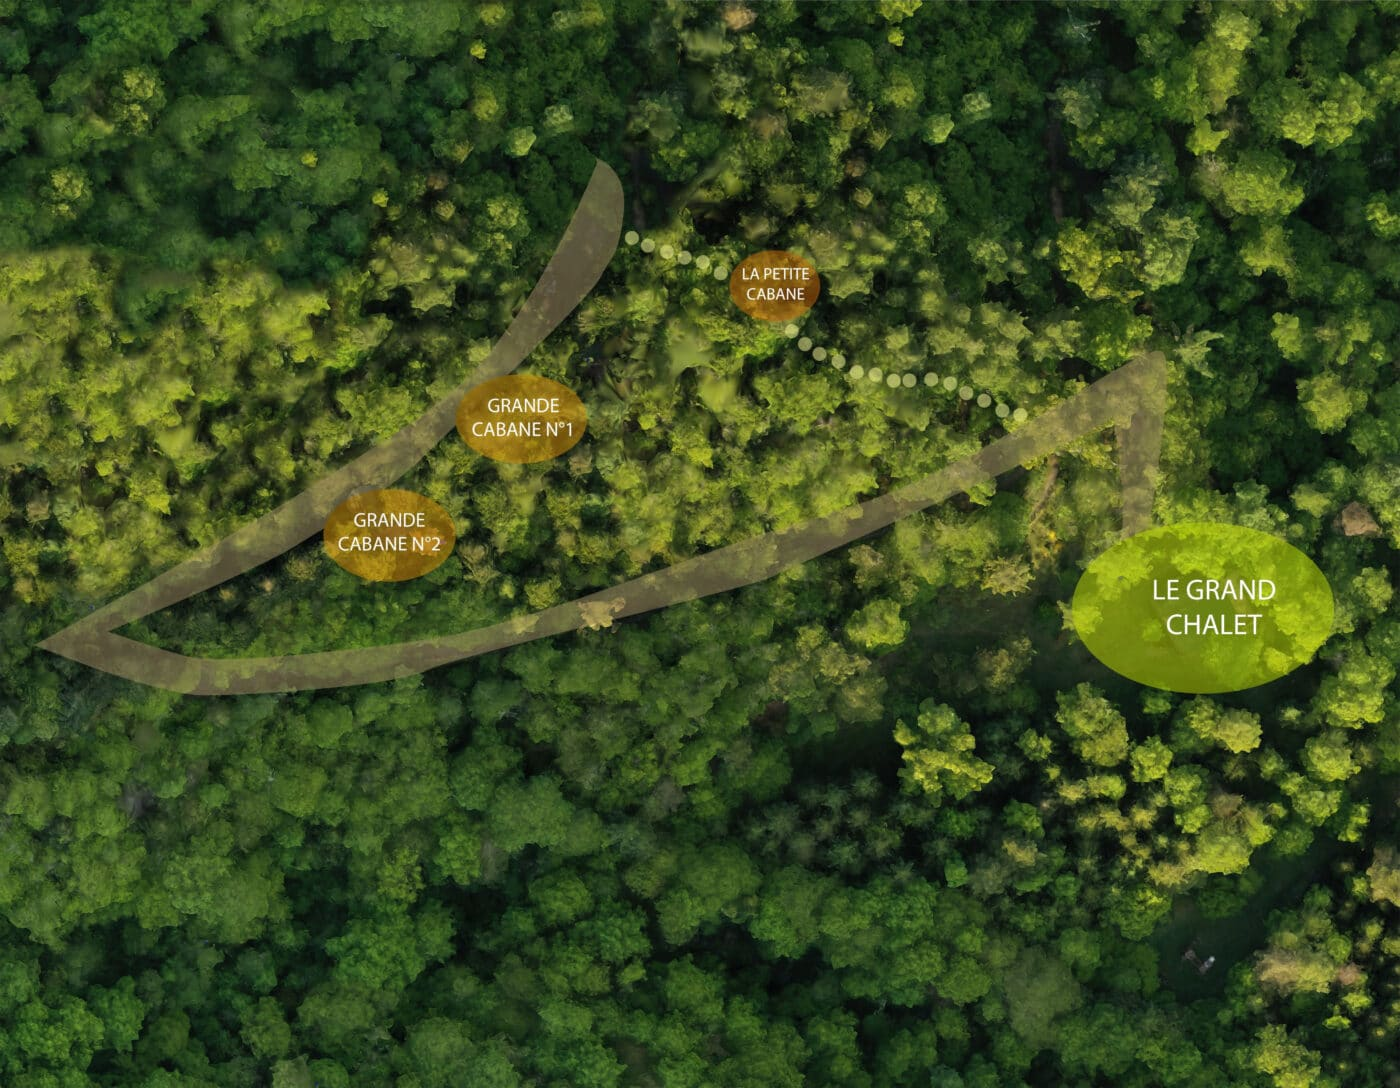 Plan aérien situation des cabanes - Domaine oZ'Arbres